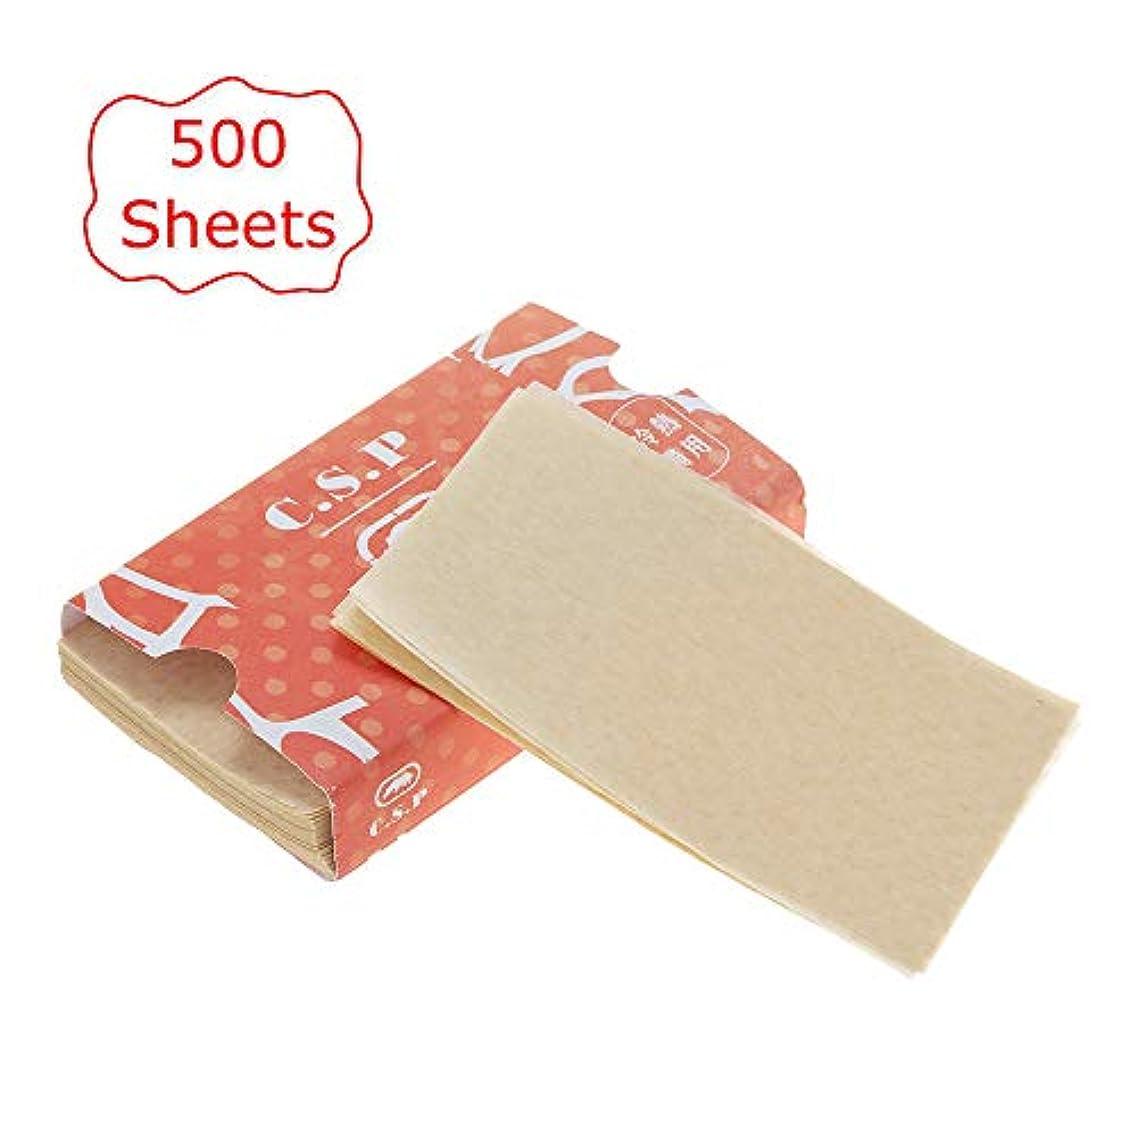 汗スマッシュ芽Decdeal 500枚 ヘアカラー紙 ヘアダイペーパー ヘアパーマツール 自宅 DIY